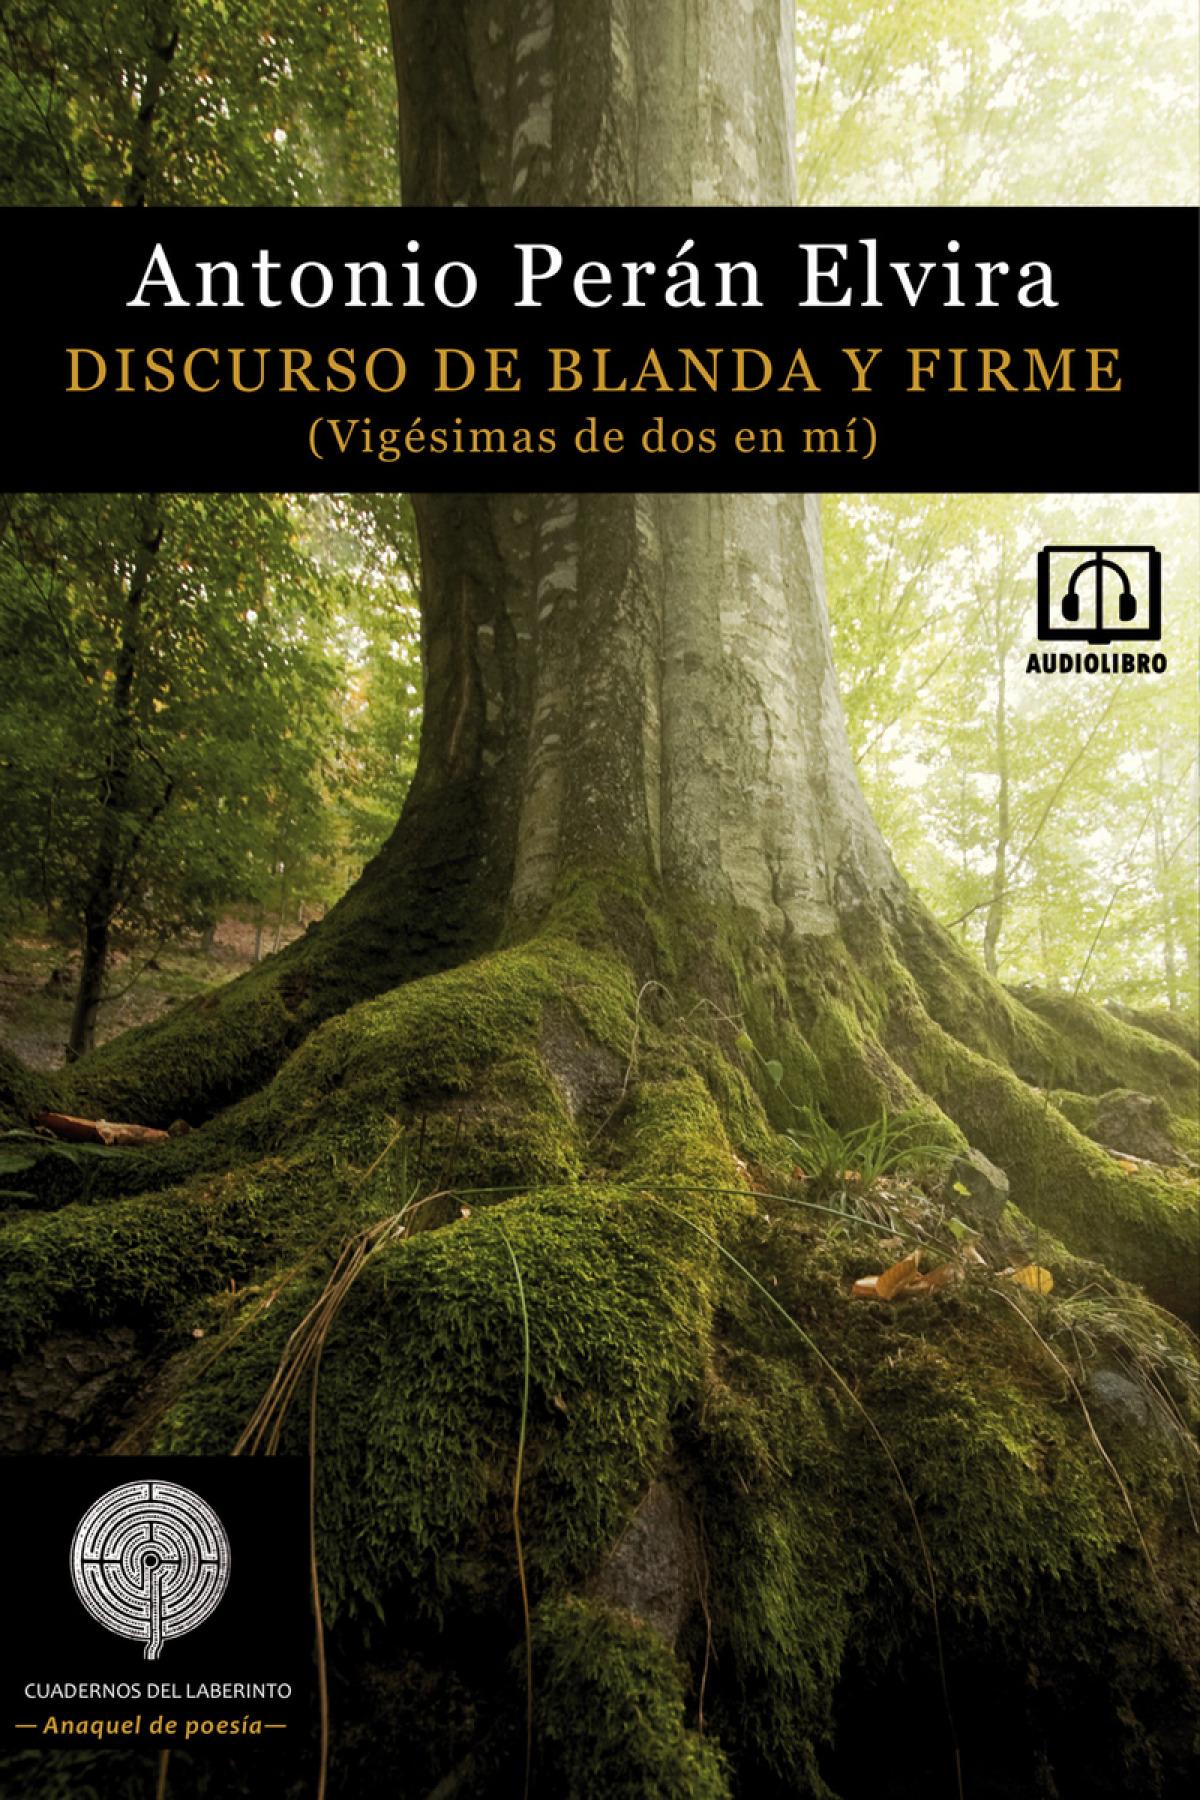 Discurso de Blanda y Firme